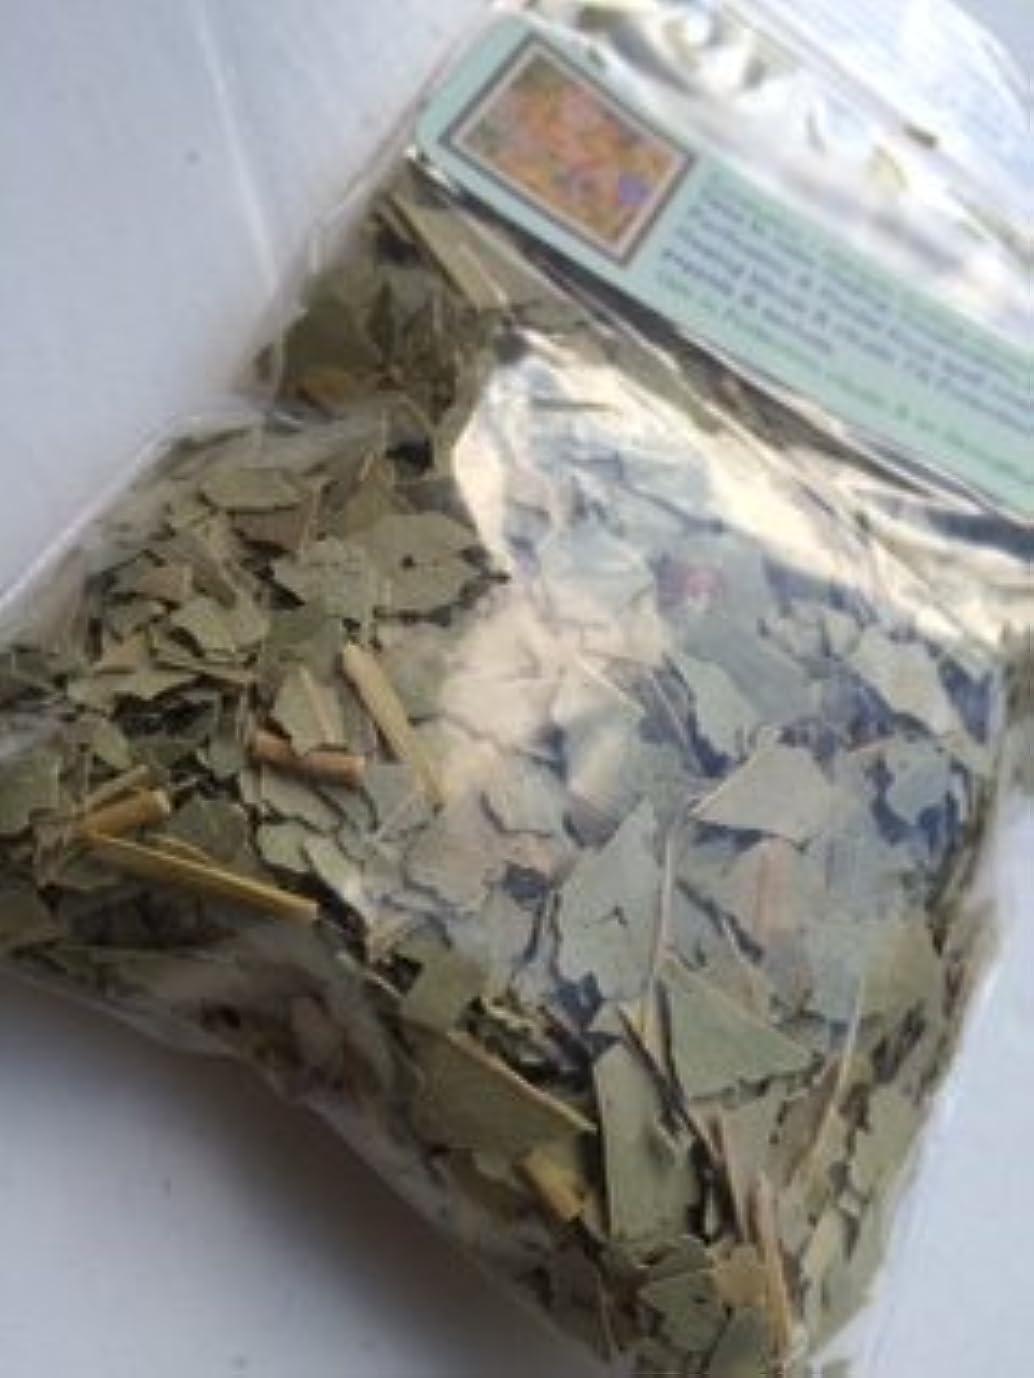 傾向書き込み質素なDried Herb ~ 1 oz ~ユーカリカットリーフ~ Ravenz Roost Dried Herbs with special Info Onラベル